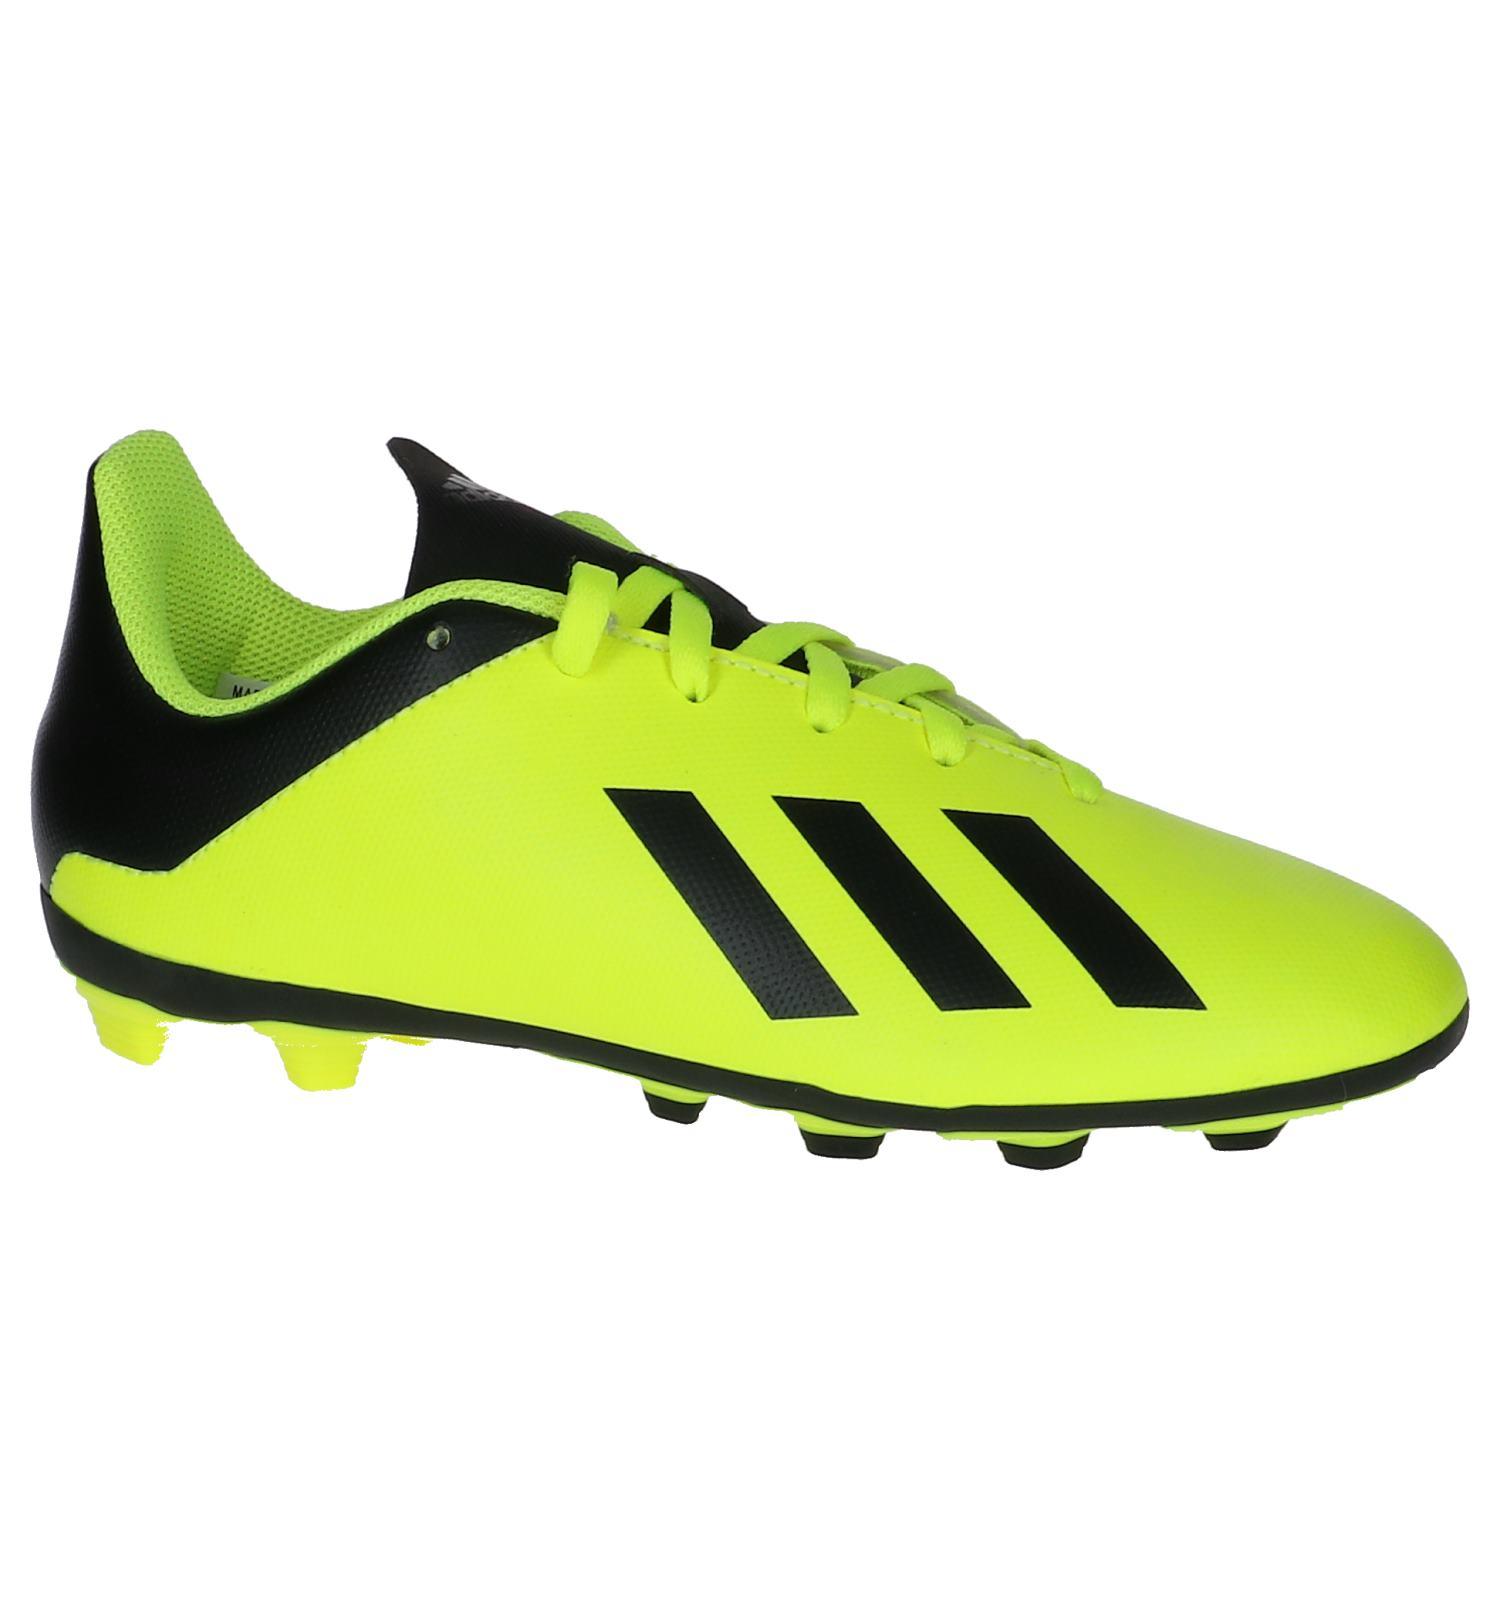 noppen voetbalschoenen adidas